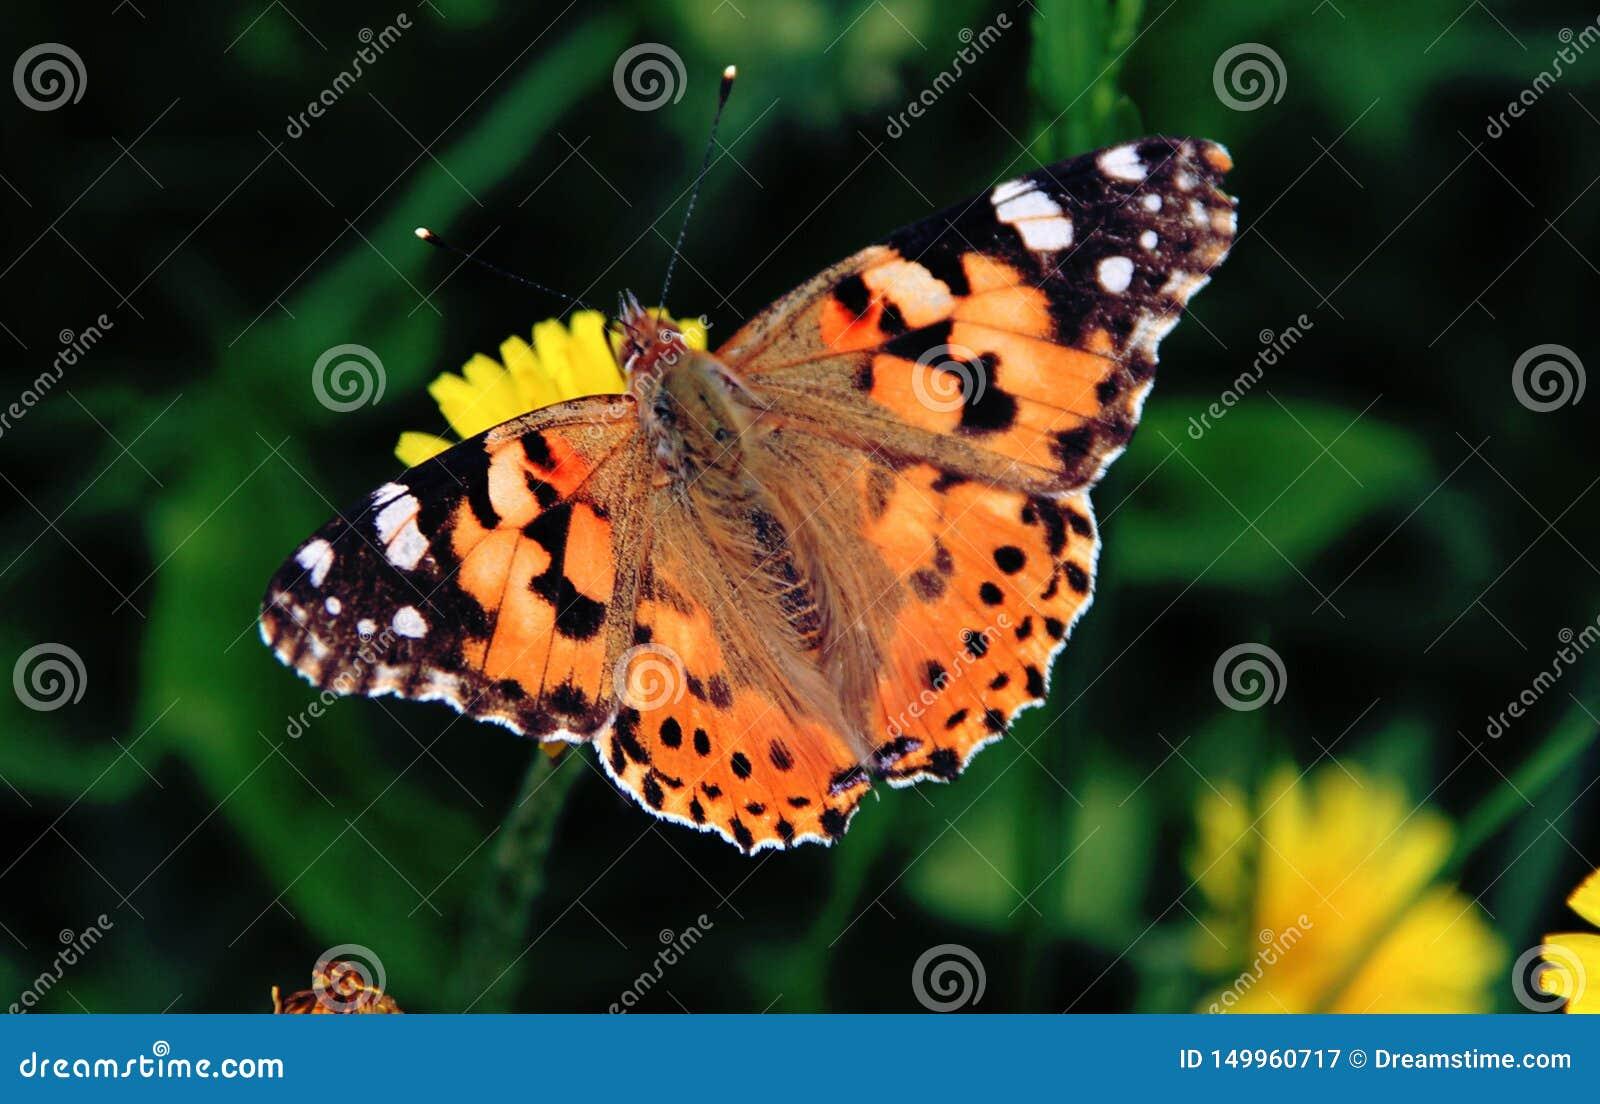 Schmetterling, der ruhig auf einer gelben Löwenzahnblume sitzt